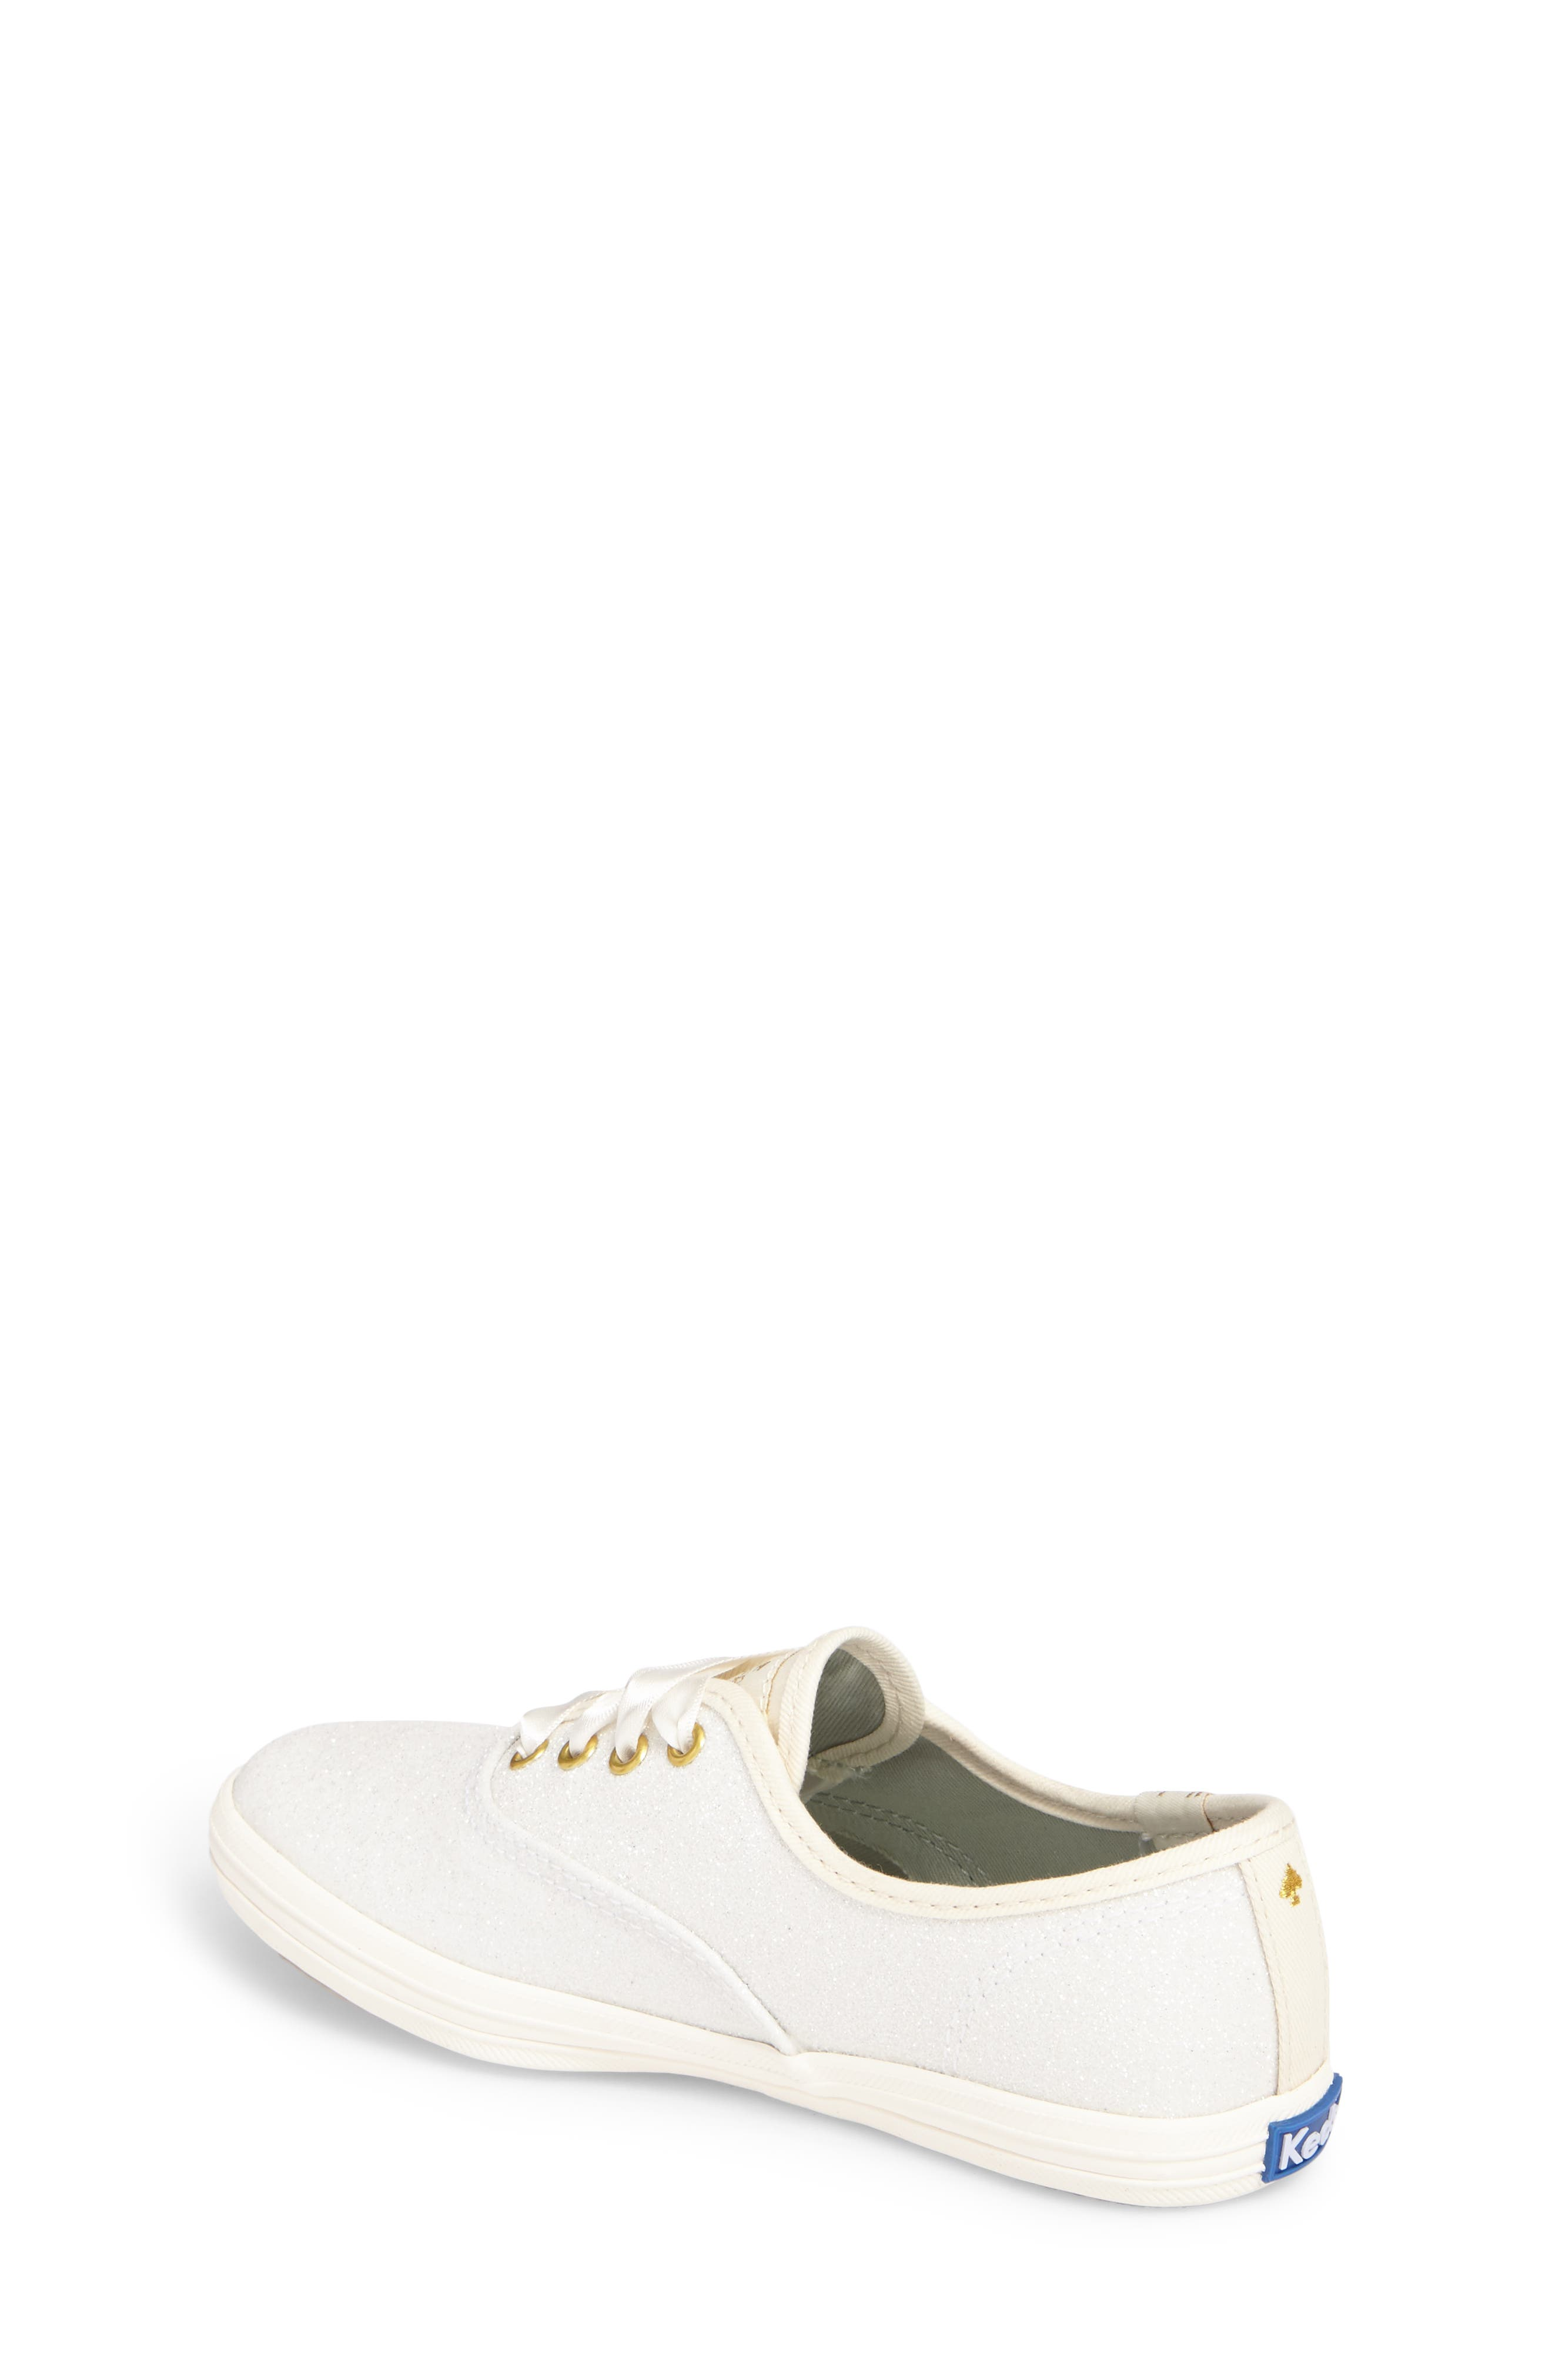 x kate spade new york Champion Glitter Sneaker,                             Alternate thumbnail 2, color,                             CREAM